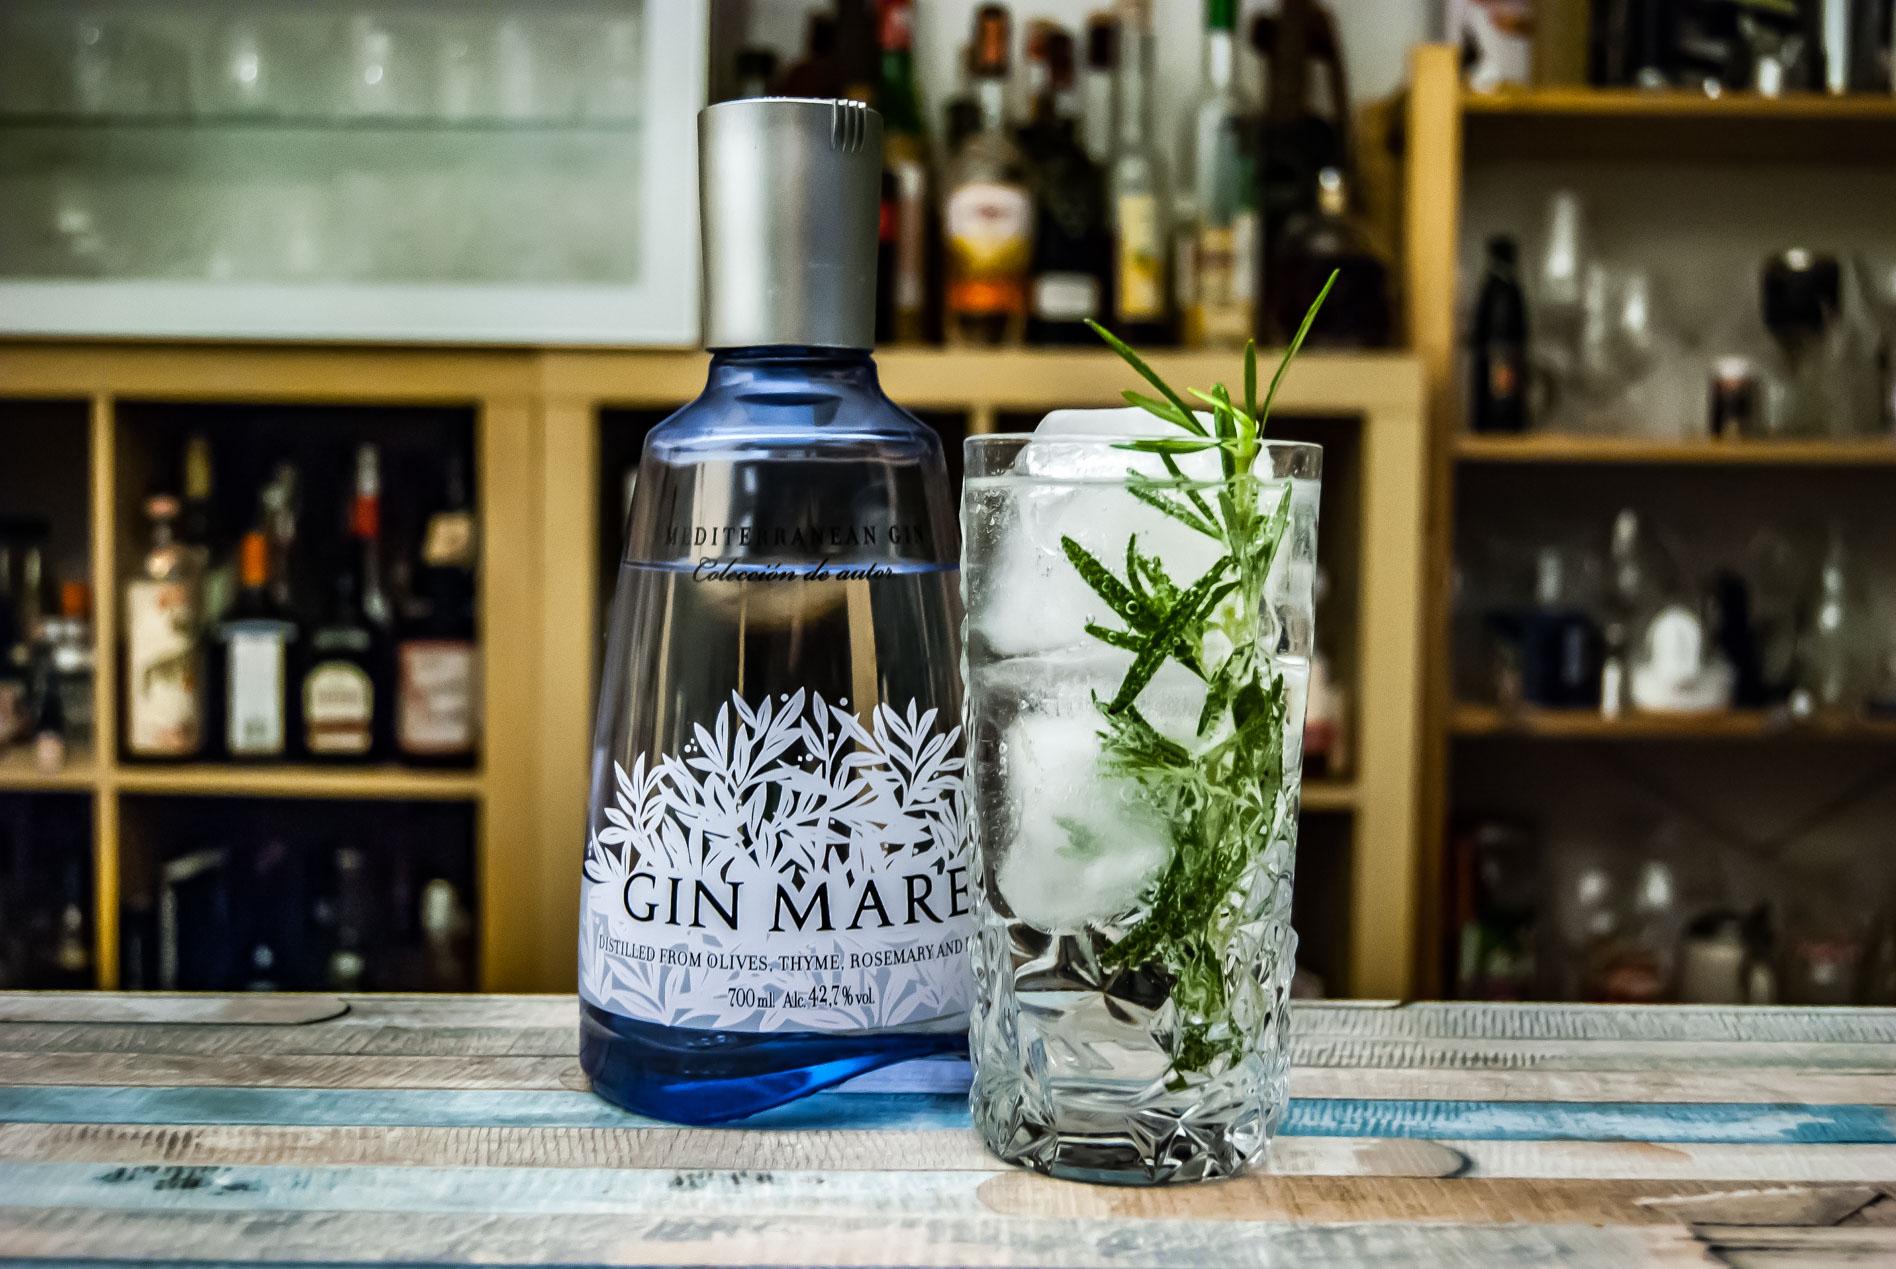 Der Gin Mare im Gin Tonic, garniert mit Rosmarin.